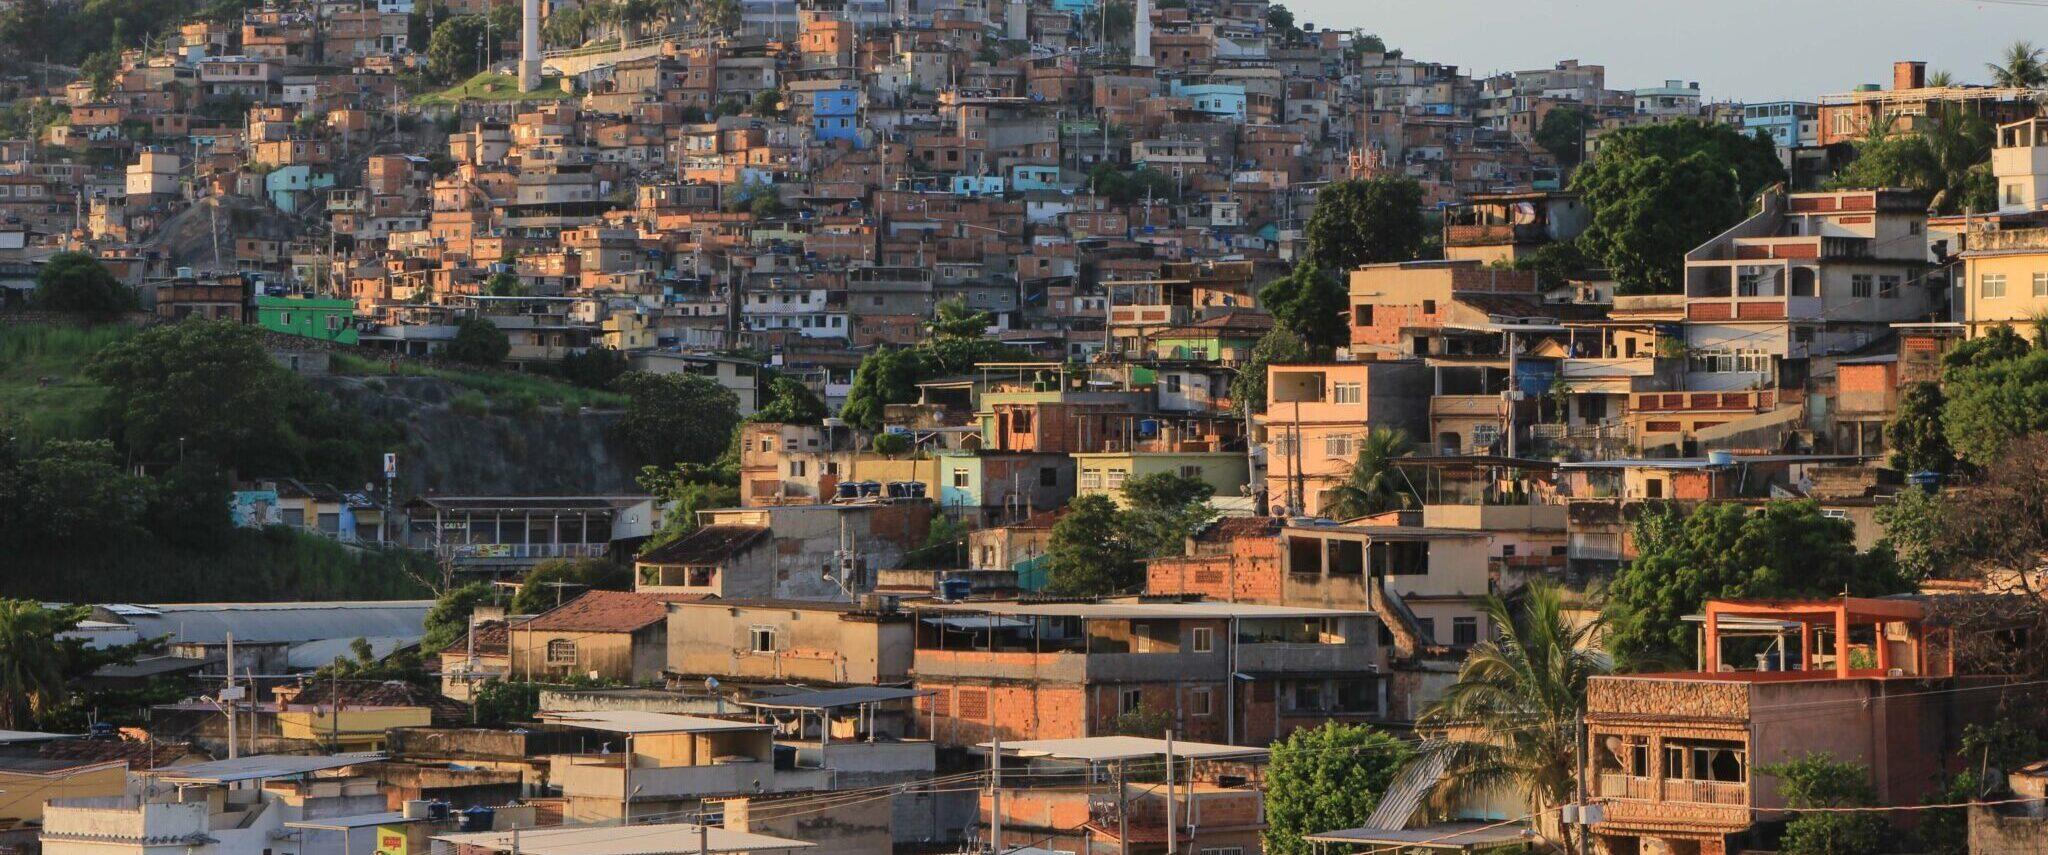 Favelas do Rio têm um novo aumento de  9,37% de casos de Covid-19 em uma semana